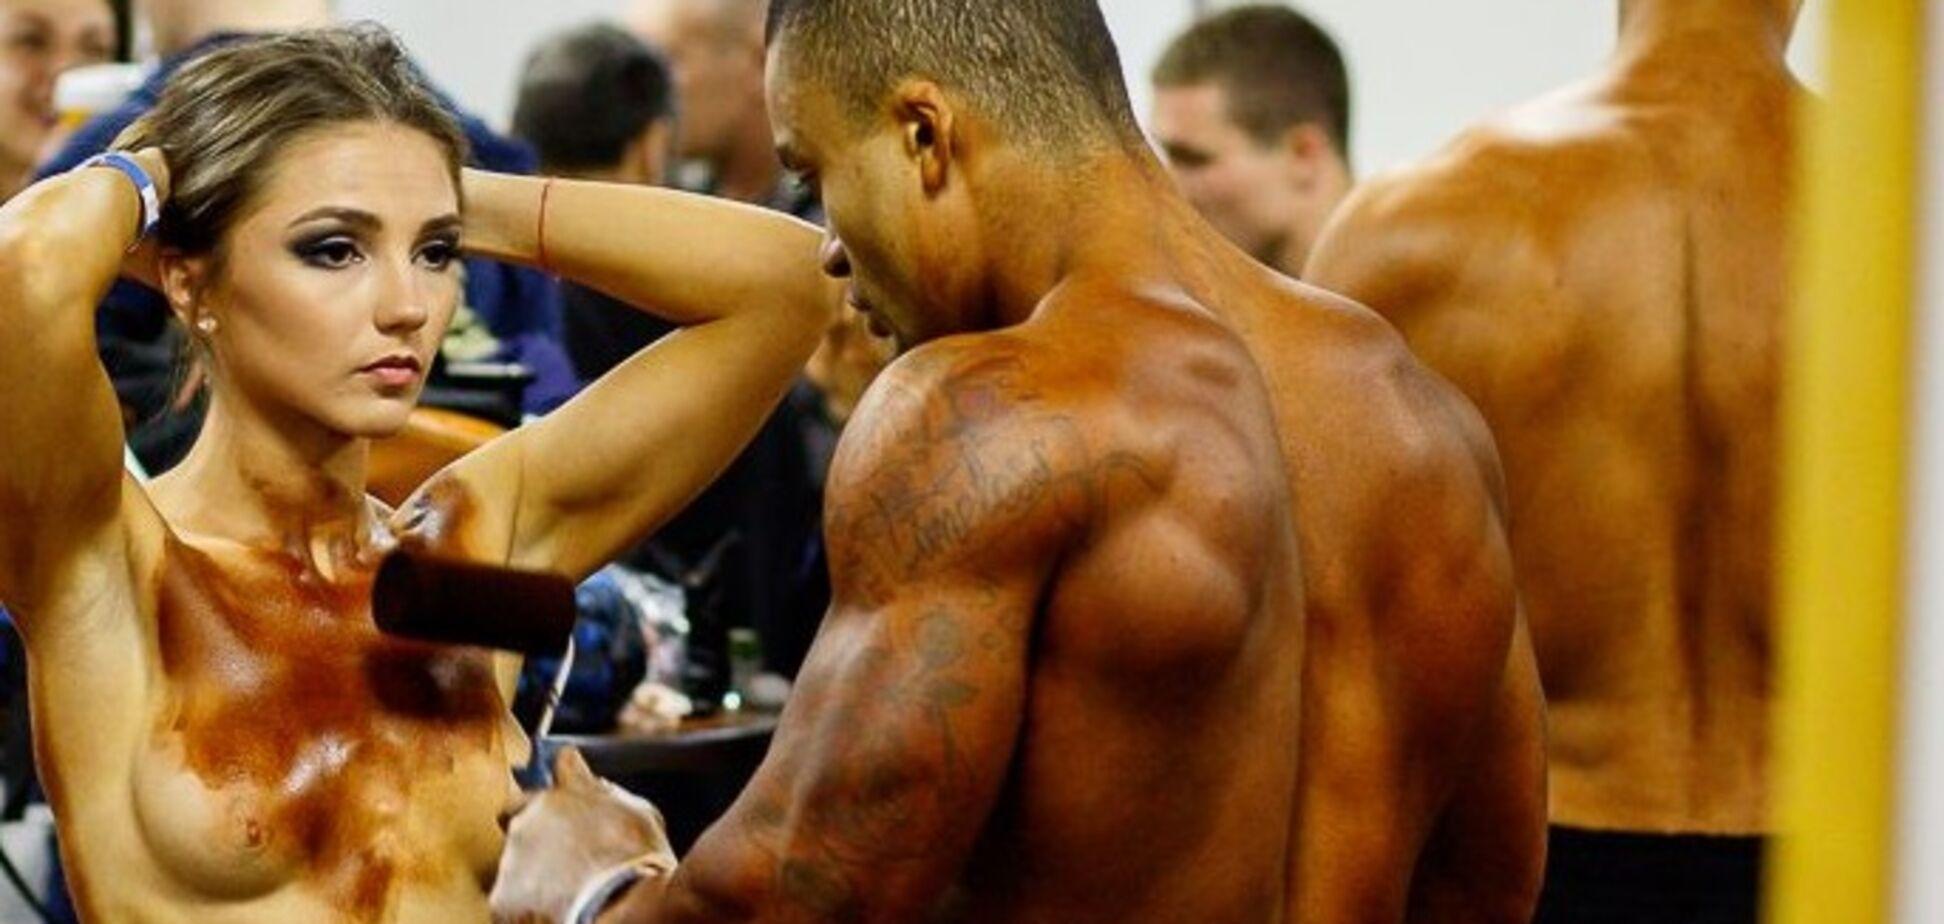 В России фитнес-модель разделась топлес перед турниром: фото 18+